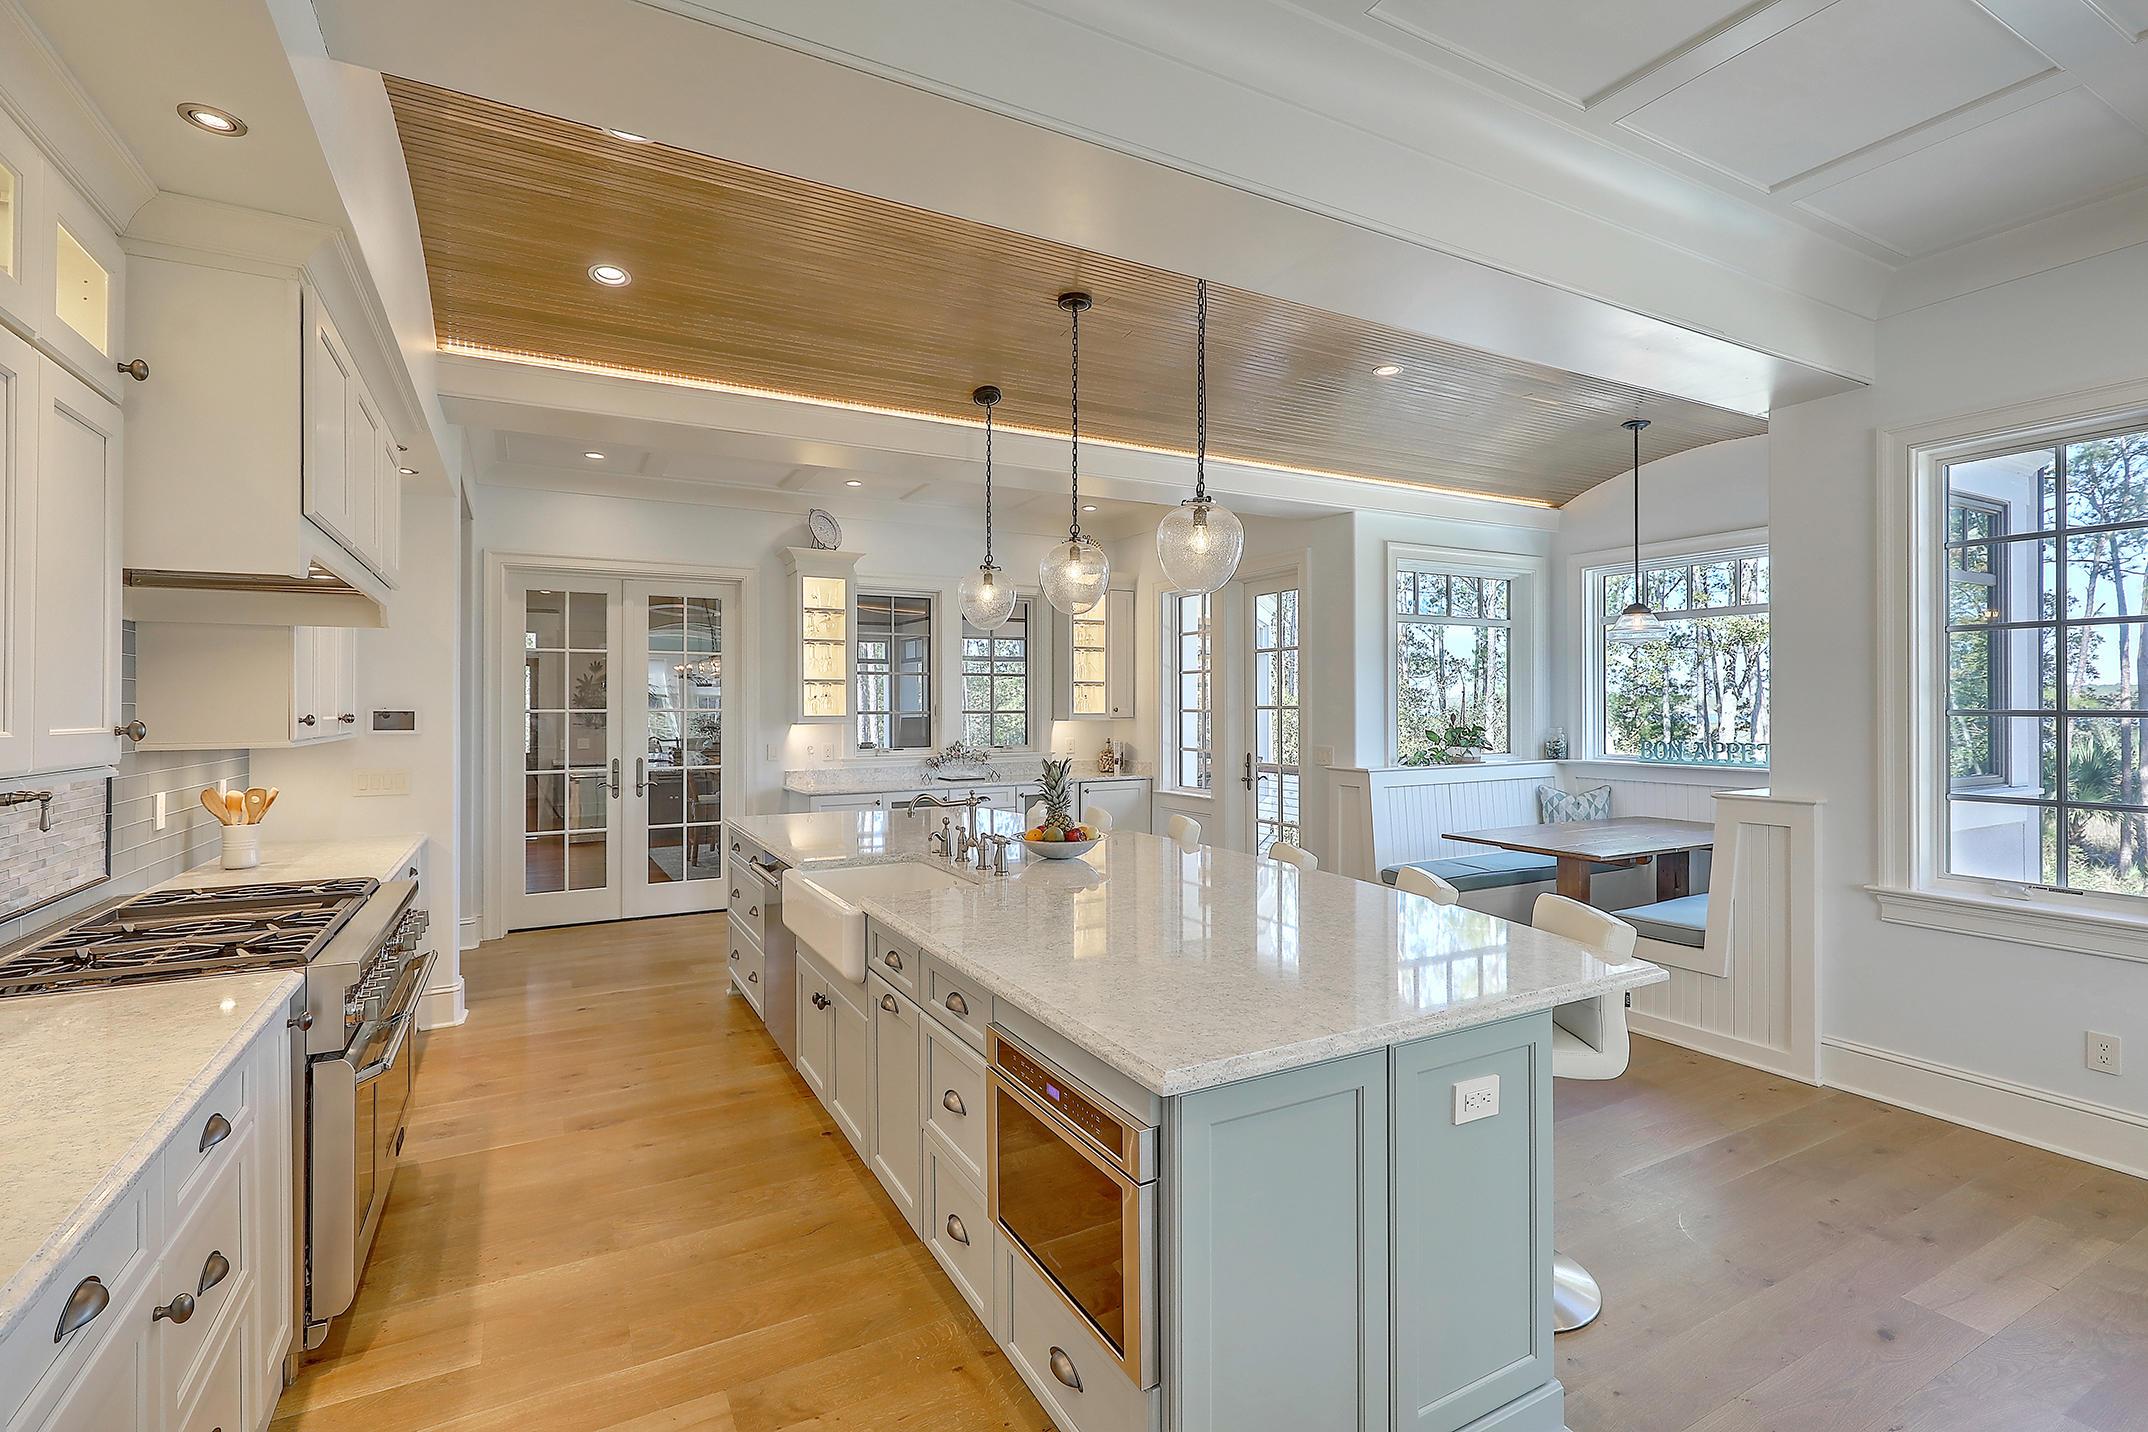 Park West Homes For Sale - 3905 Ashton Shore, Mount Pleasant, SC - 81